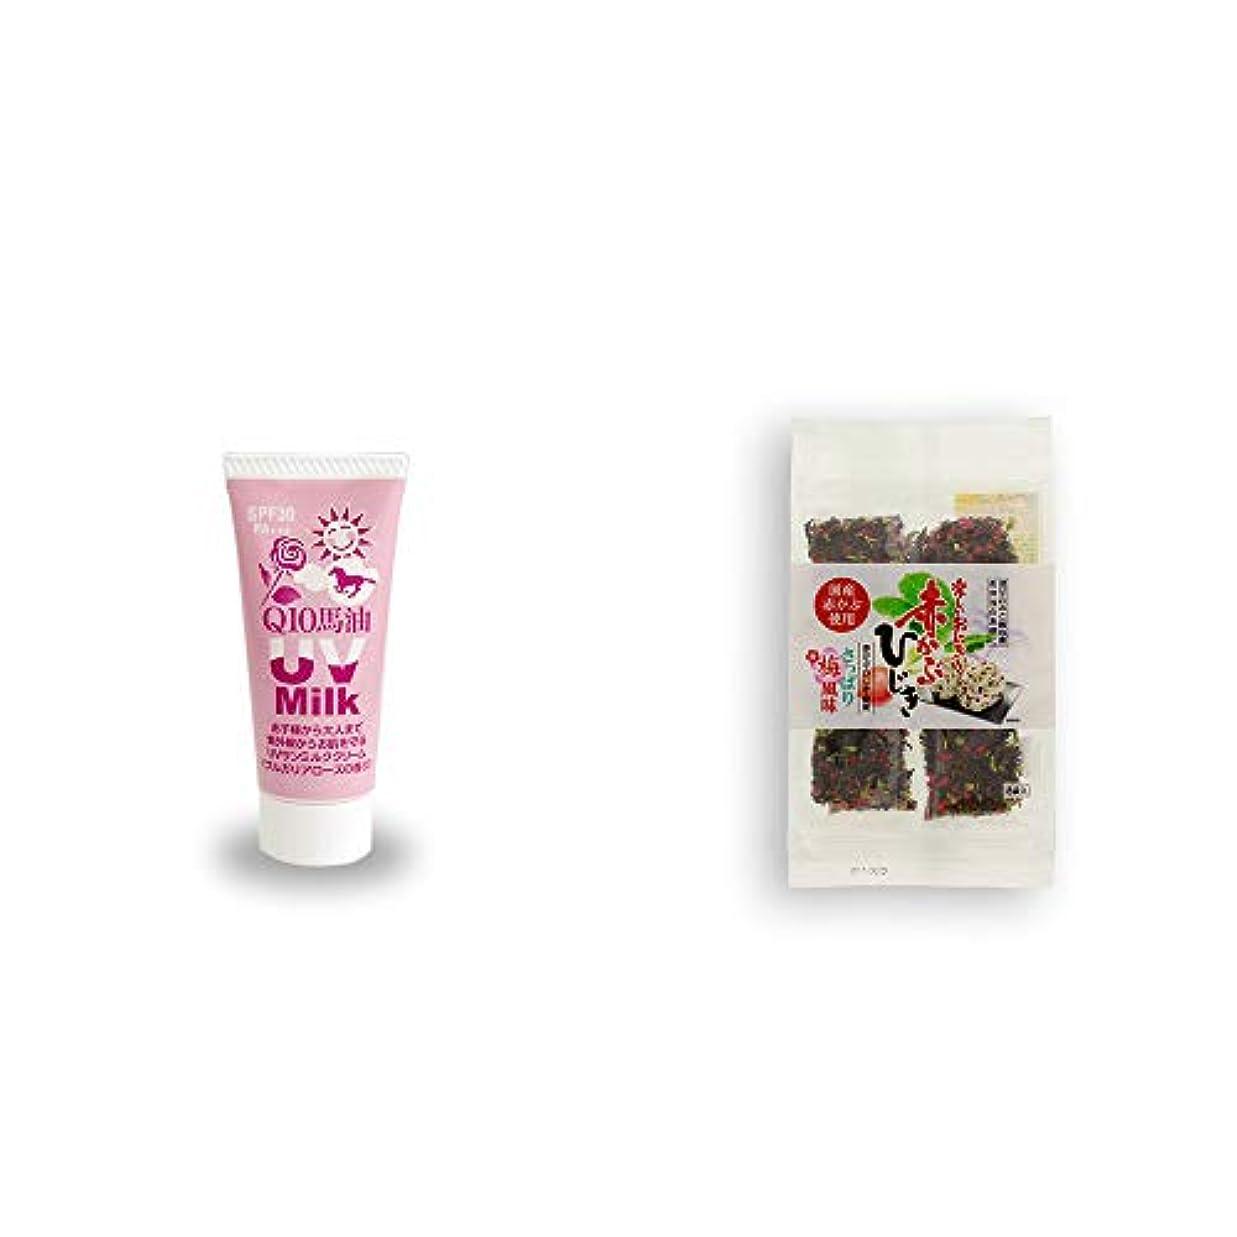 チューブ所有者本物[2点セット] 炭黒泉 Q10馬油 UVサンミルク[ブルガリアローズ](40g)?楽しいおにぎり 赤かぶひじき(8g×8袋)